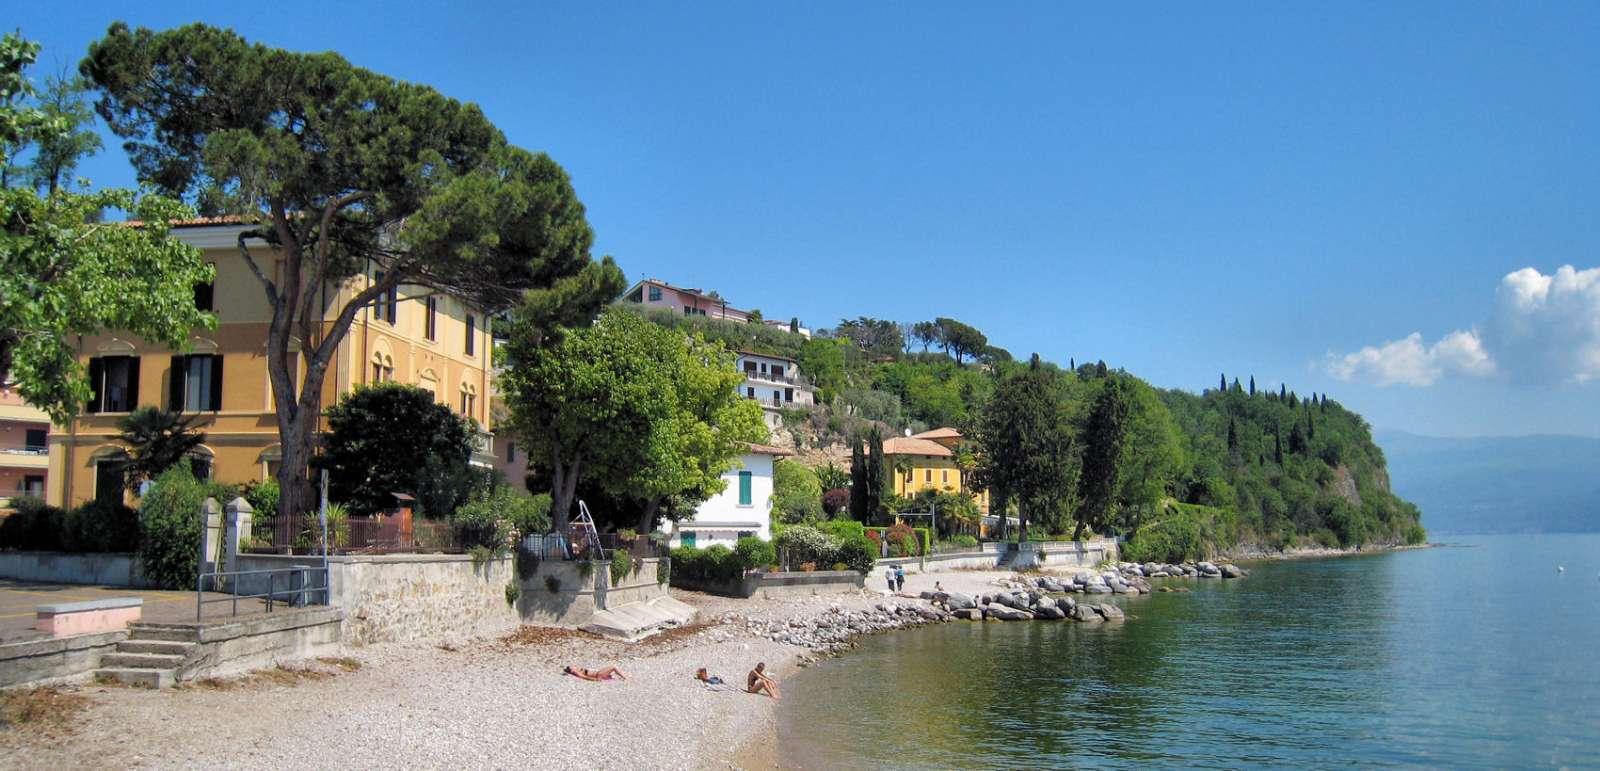 Gardone Riviera på Gardasjöns västra bredd